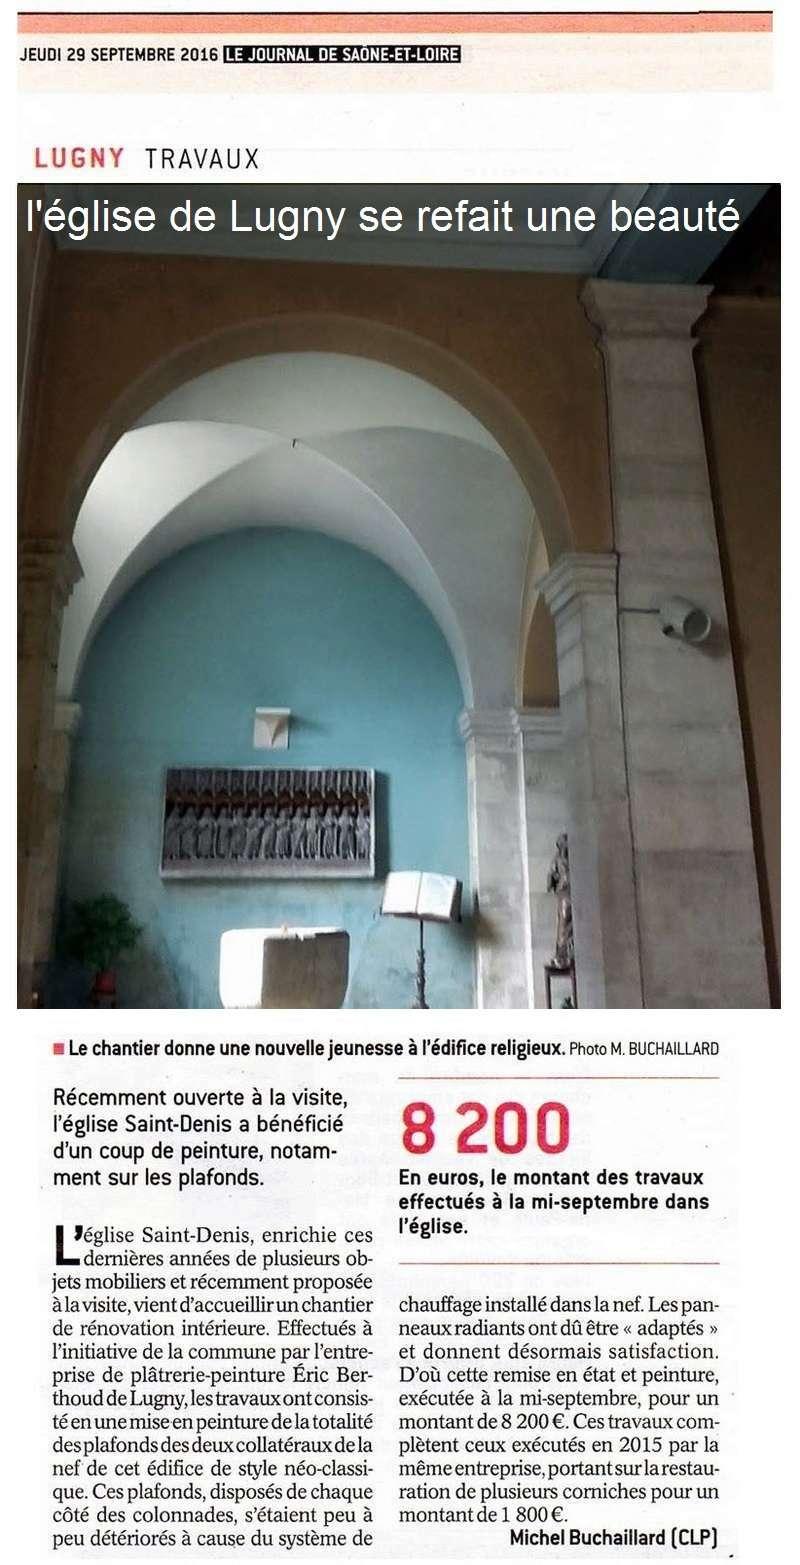 L'église de Lugny se refait une beauté Lugny_17